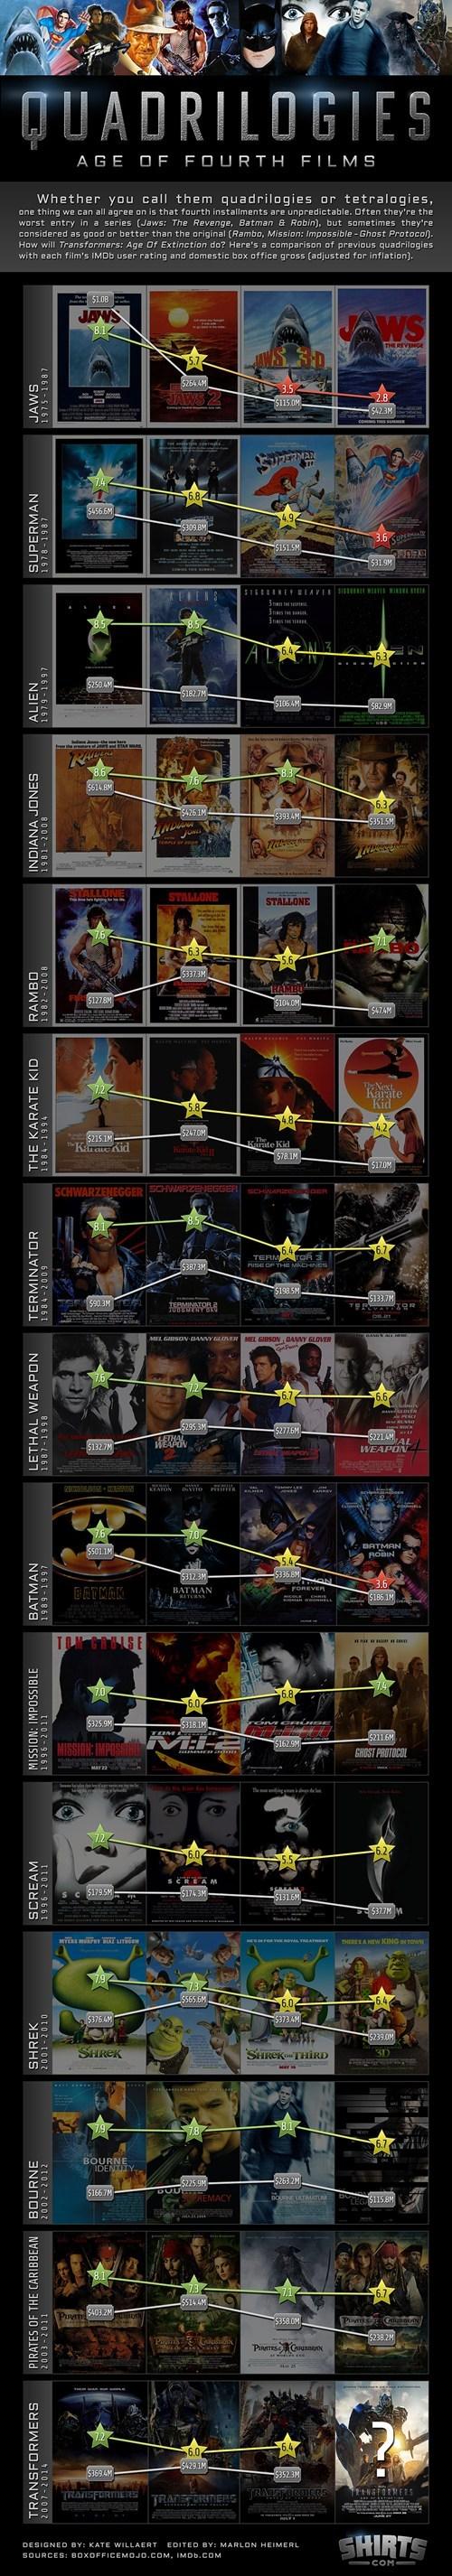 films,quadrologies